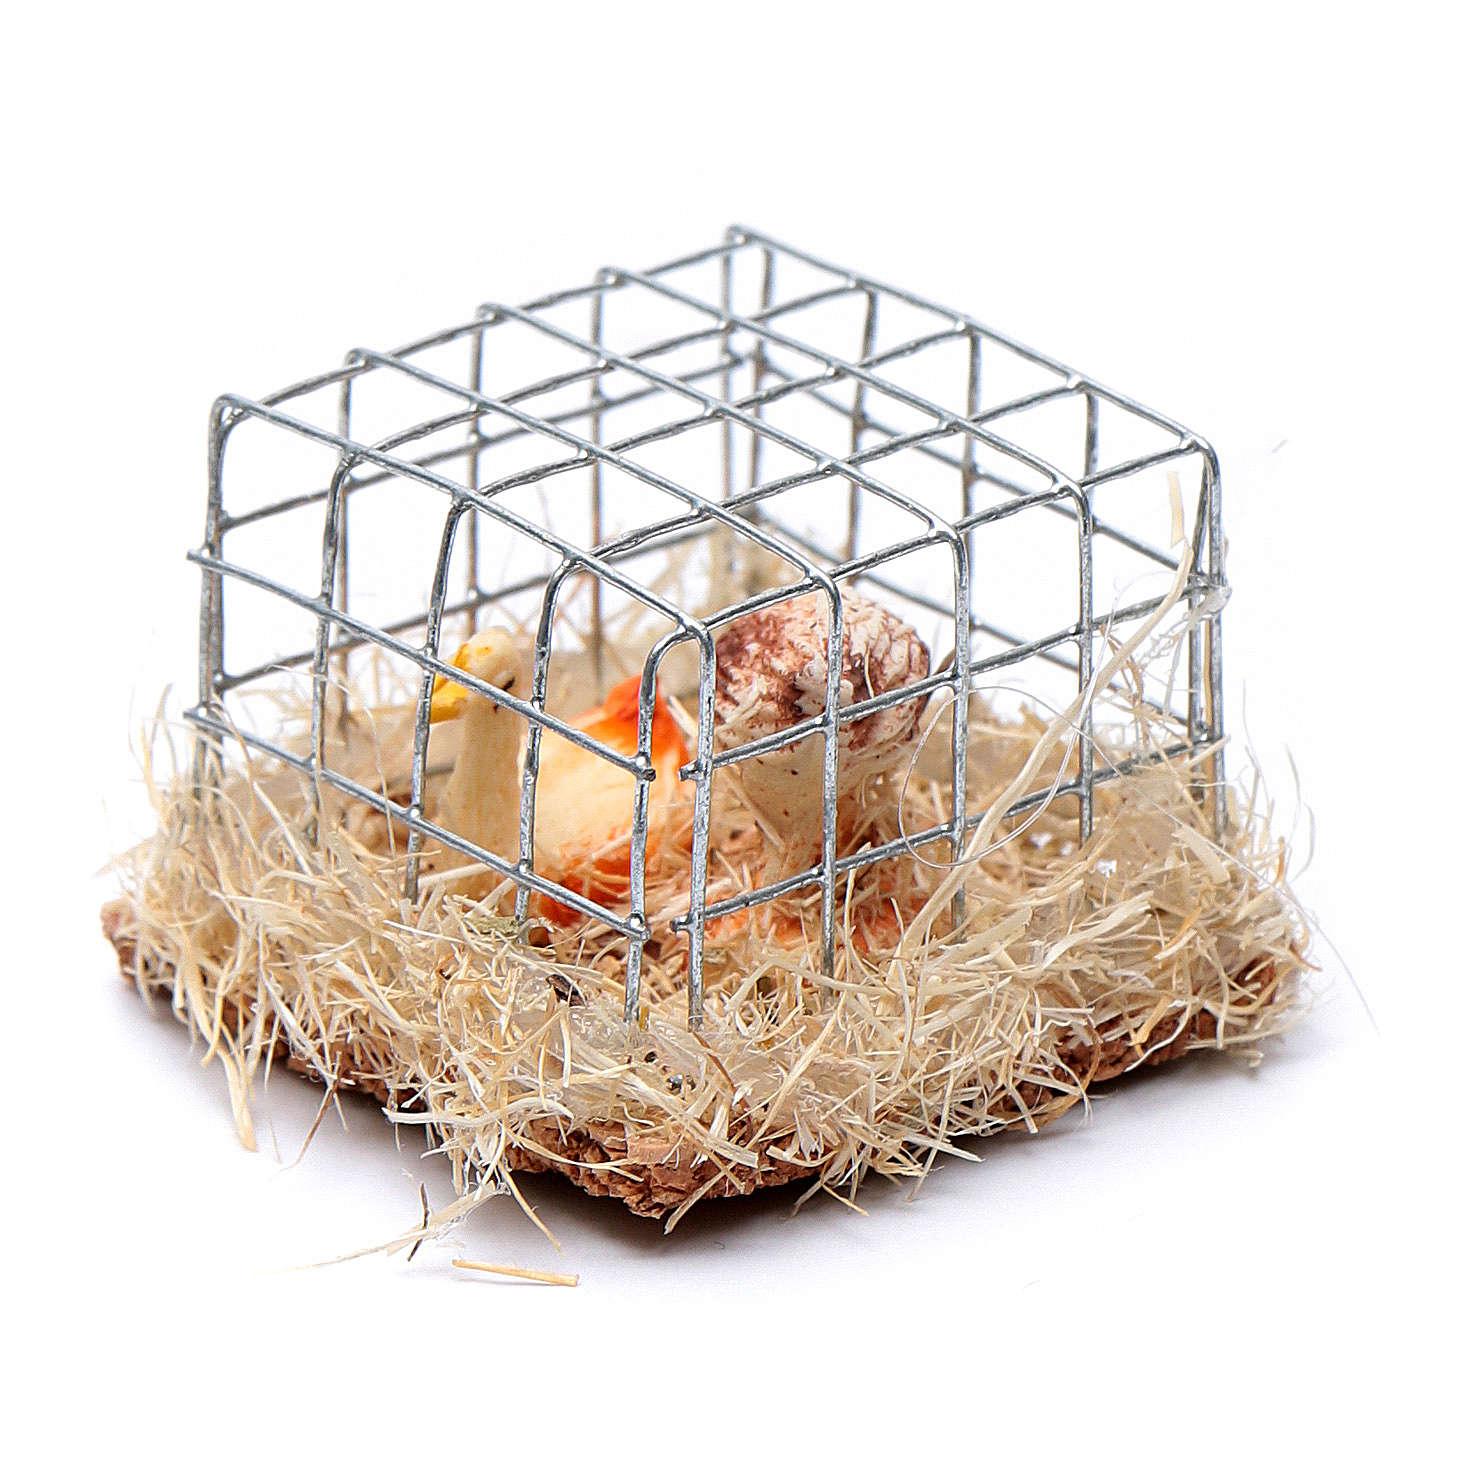 Gabbia con 2 galline h reale 2,5 cm presepe assortita 3